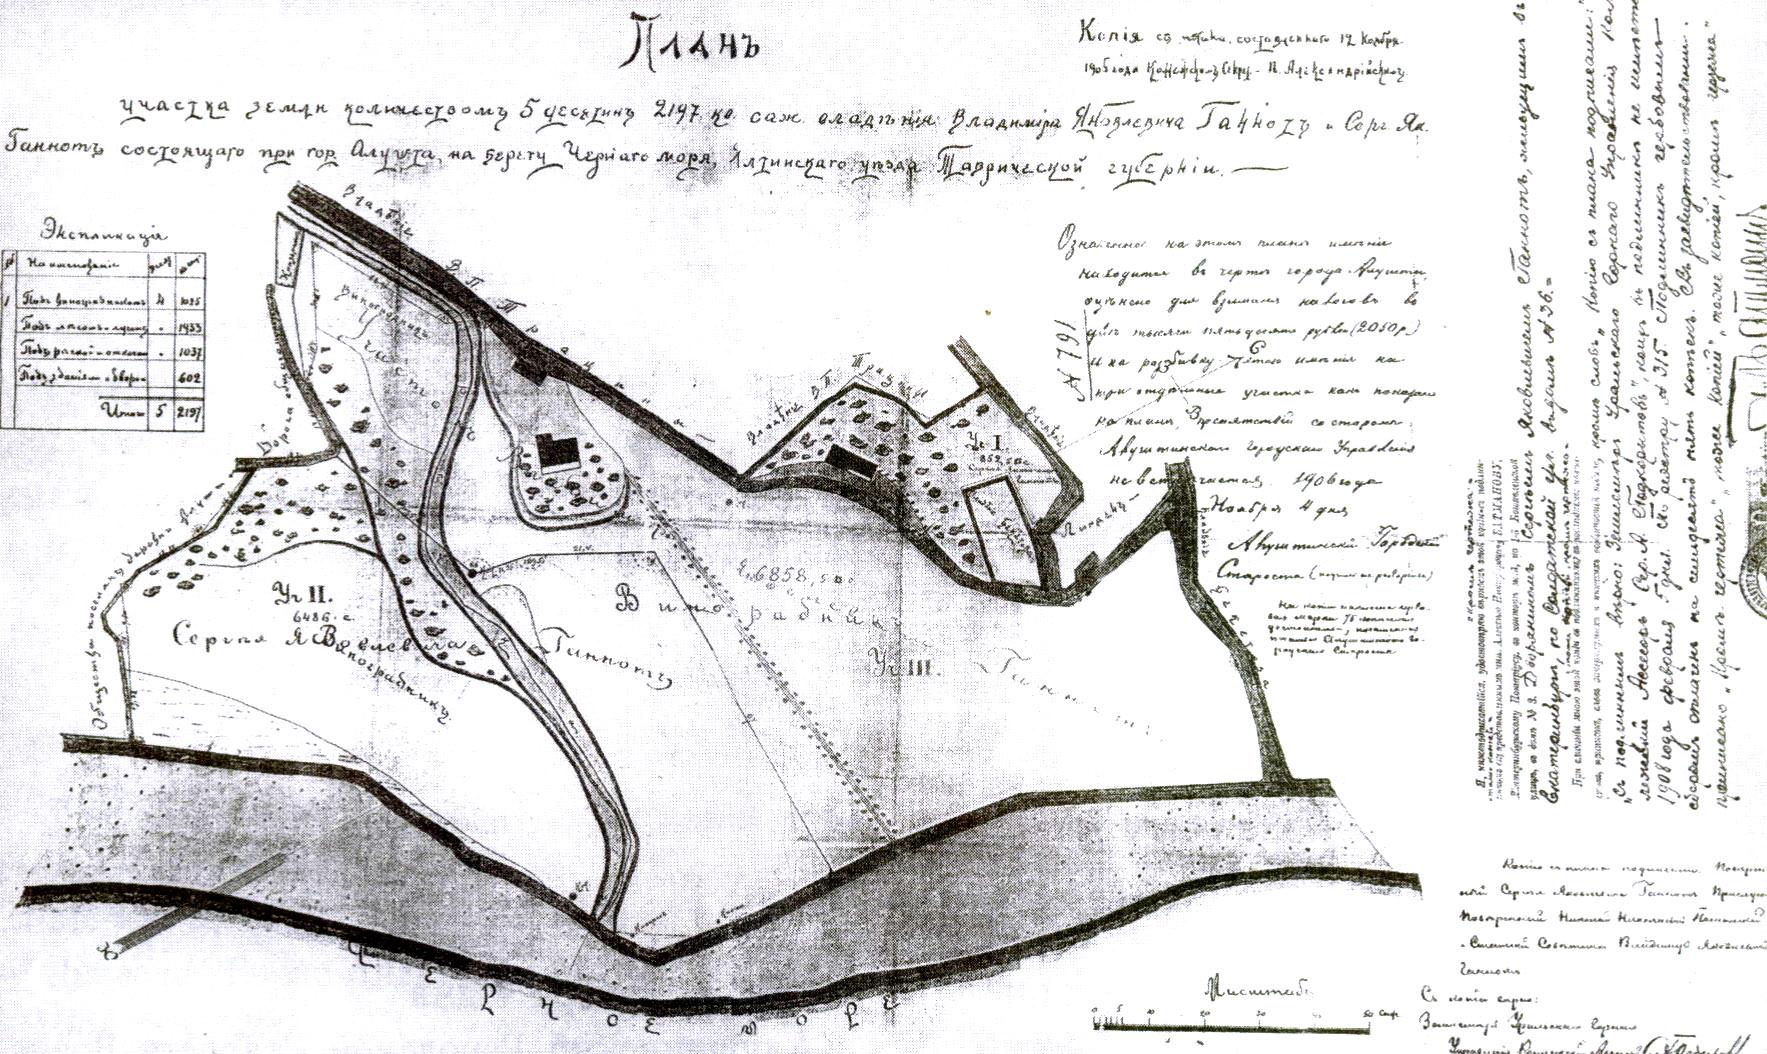 Копия с плана земельных участков Е.Я. и С.Я. Ганнот, составленного в 1905 г.